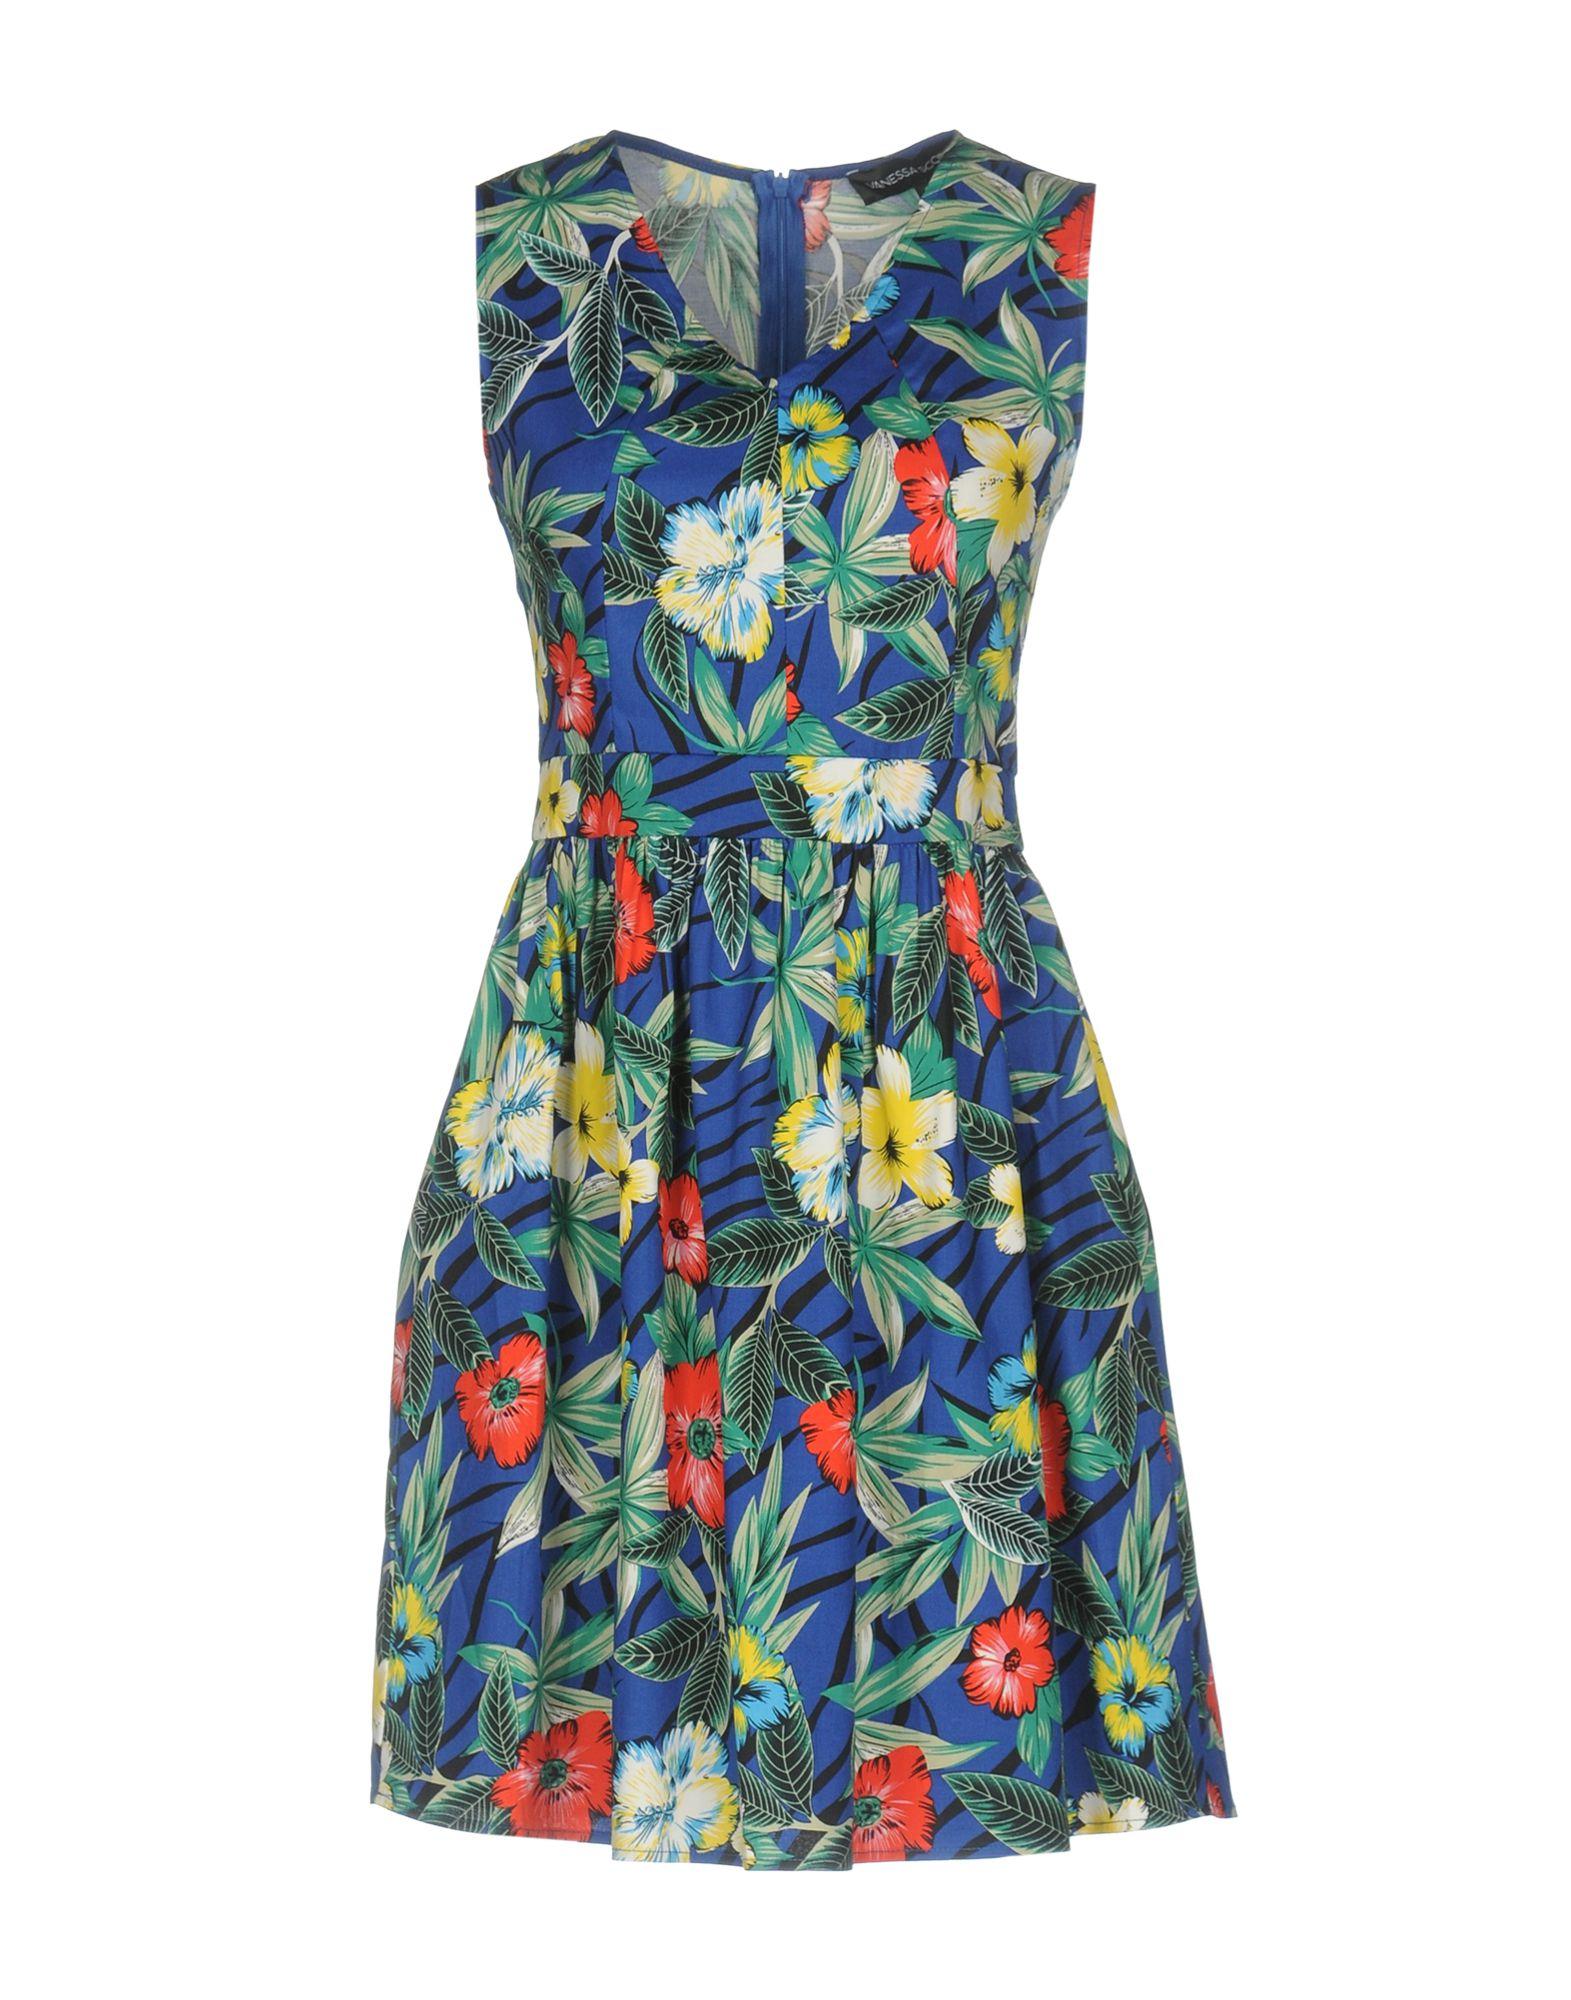 VANESSA SCOTT Damen Kurzes Kleid Farbe Blau Größe 5 - broschei